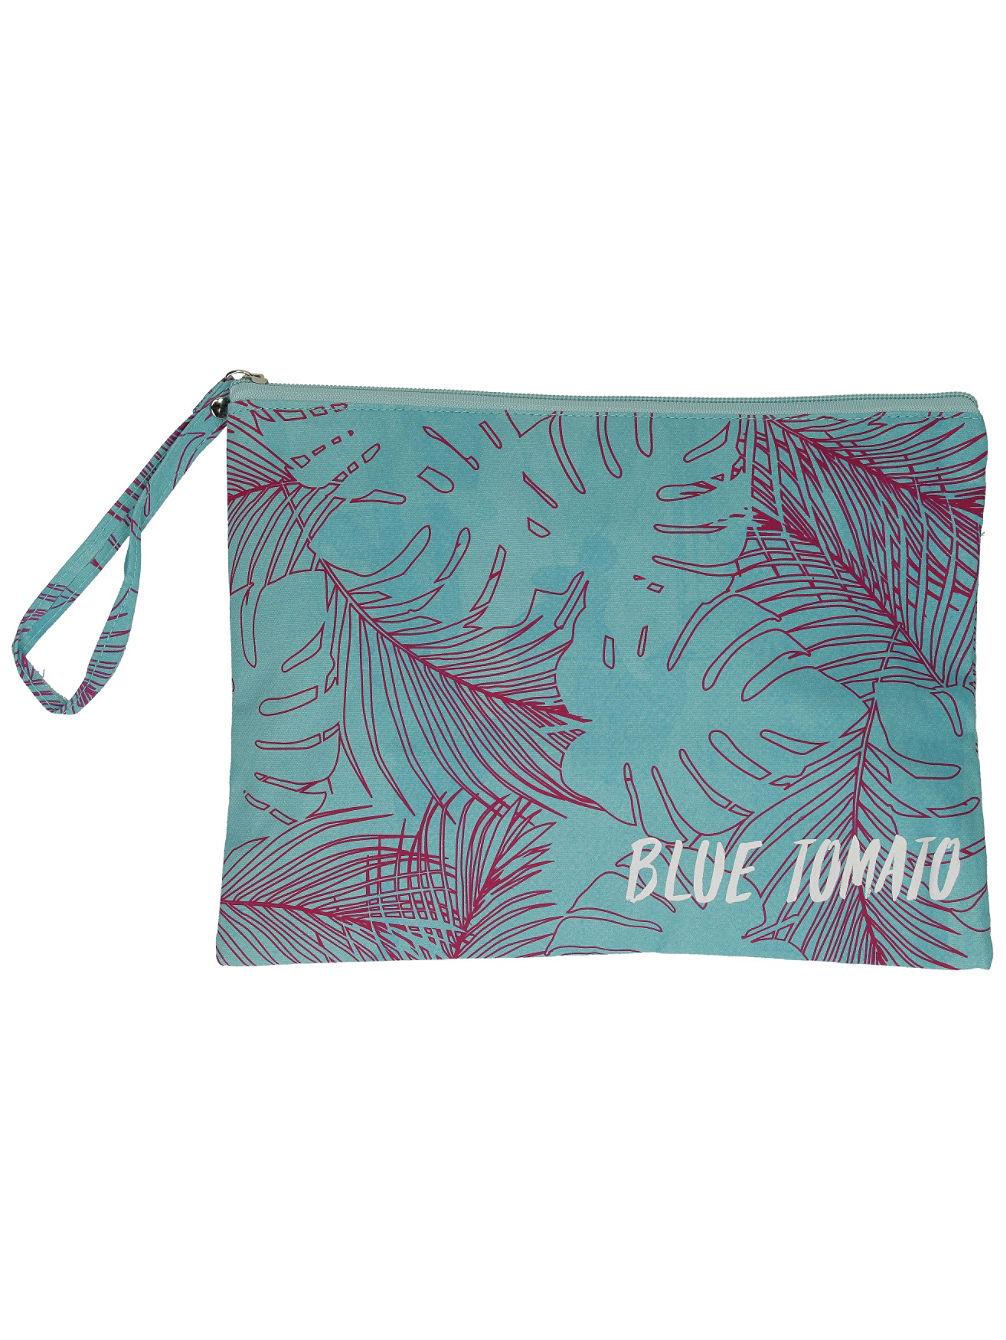 blue-tomato-bt-bikini-wet-bag